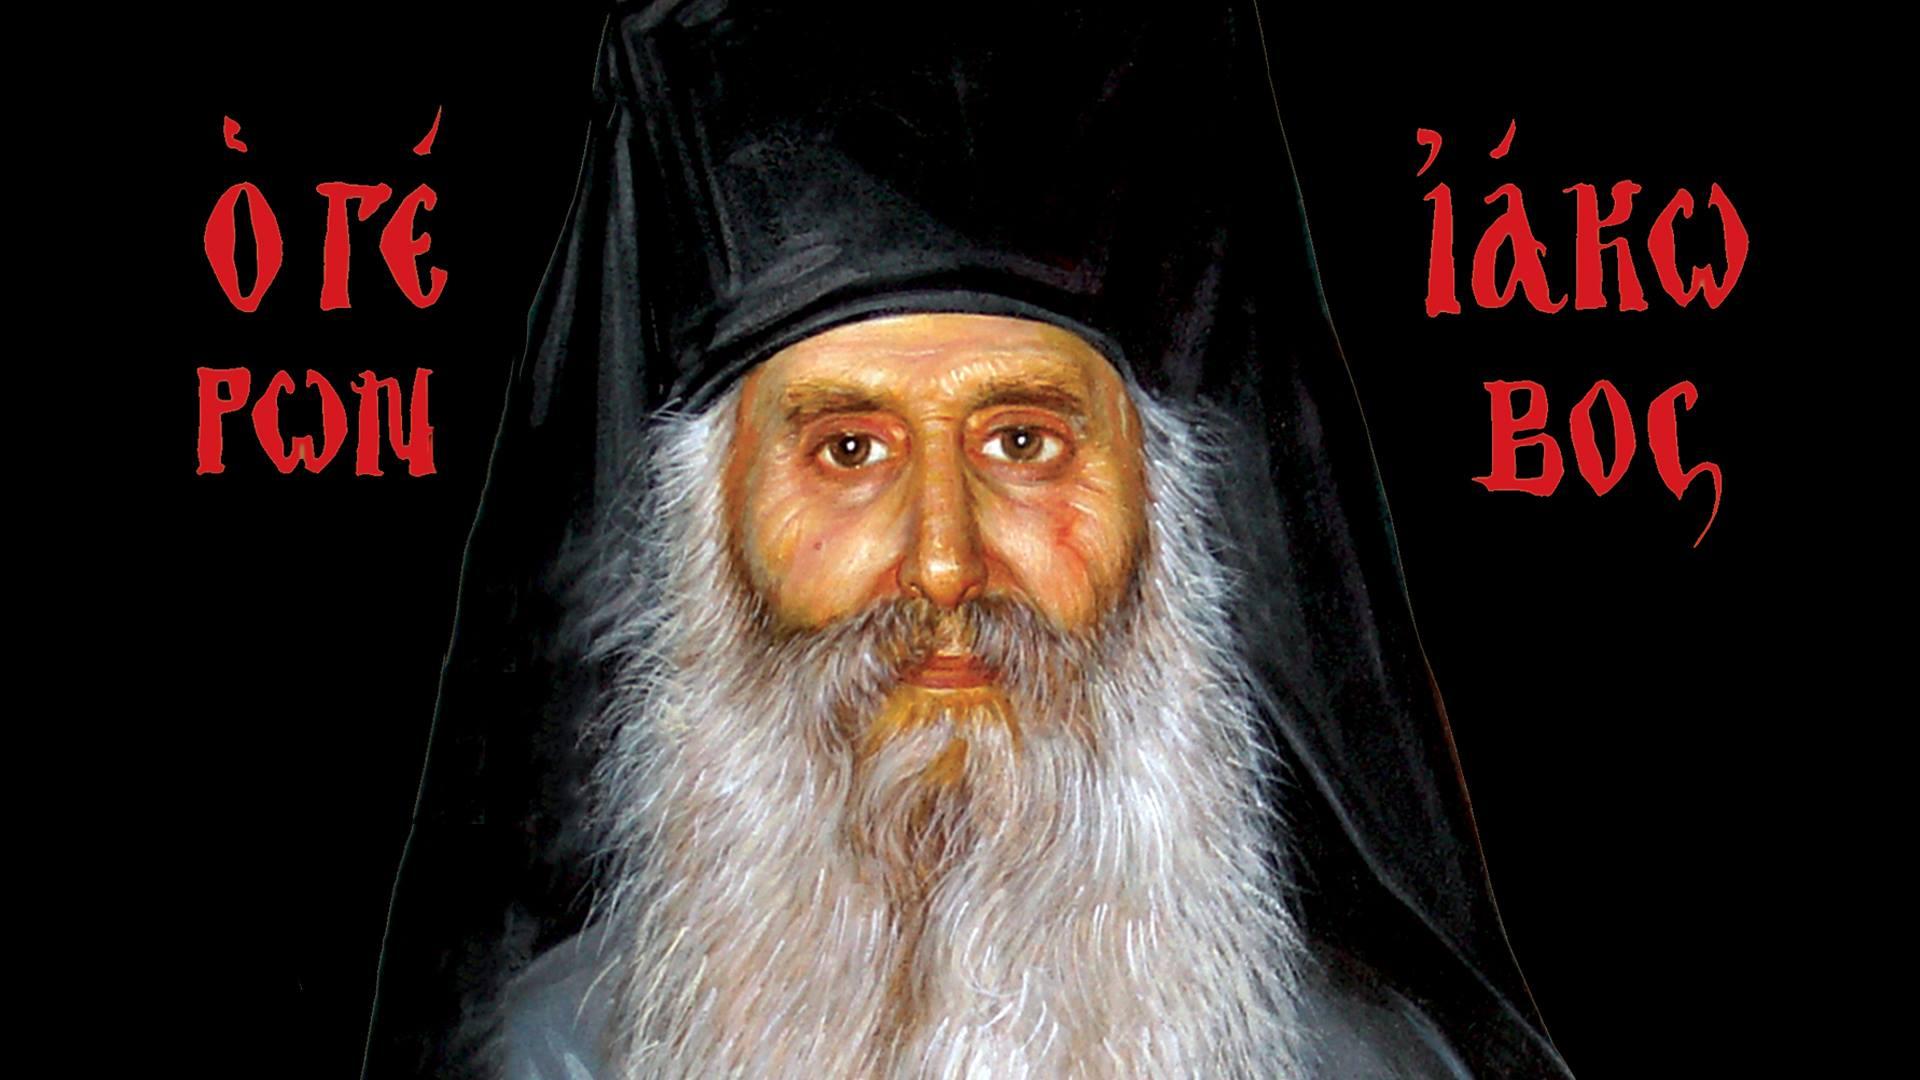 Αποτέλεσμα εικόνας για Αγ. ιάκωβος Τσαλίκης